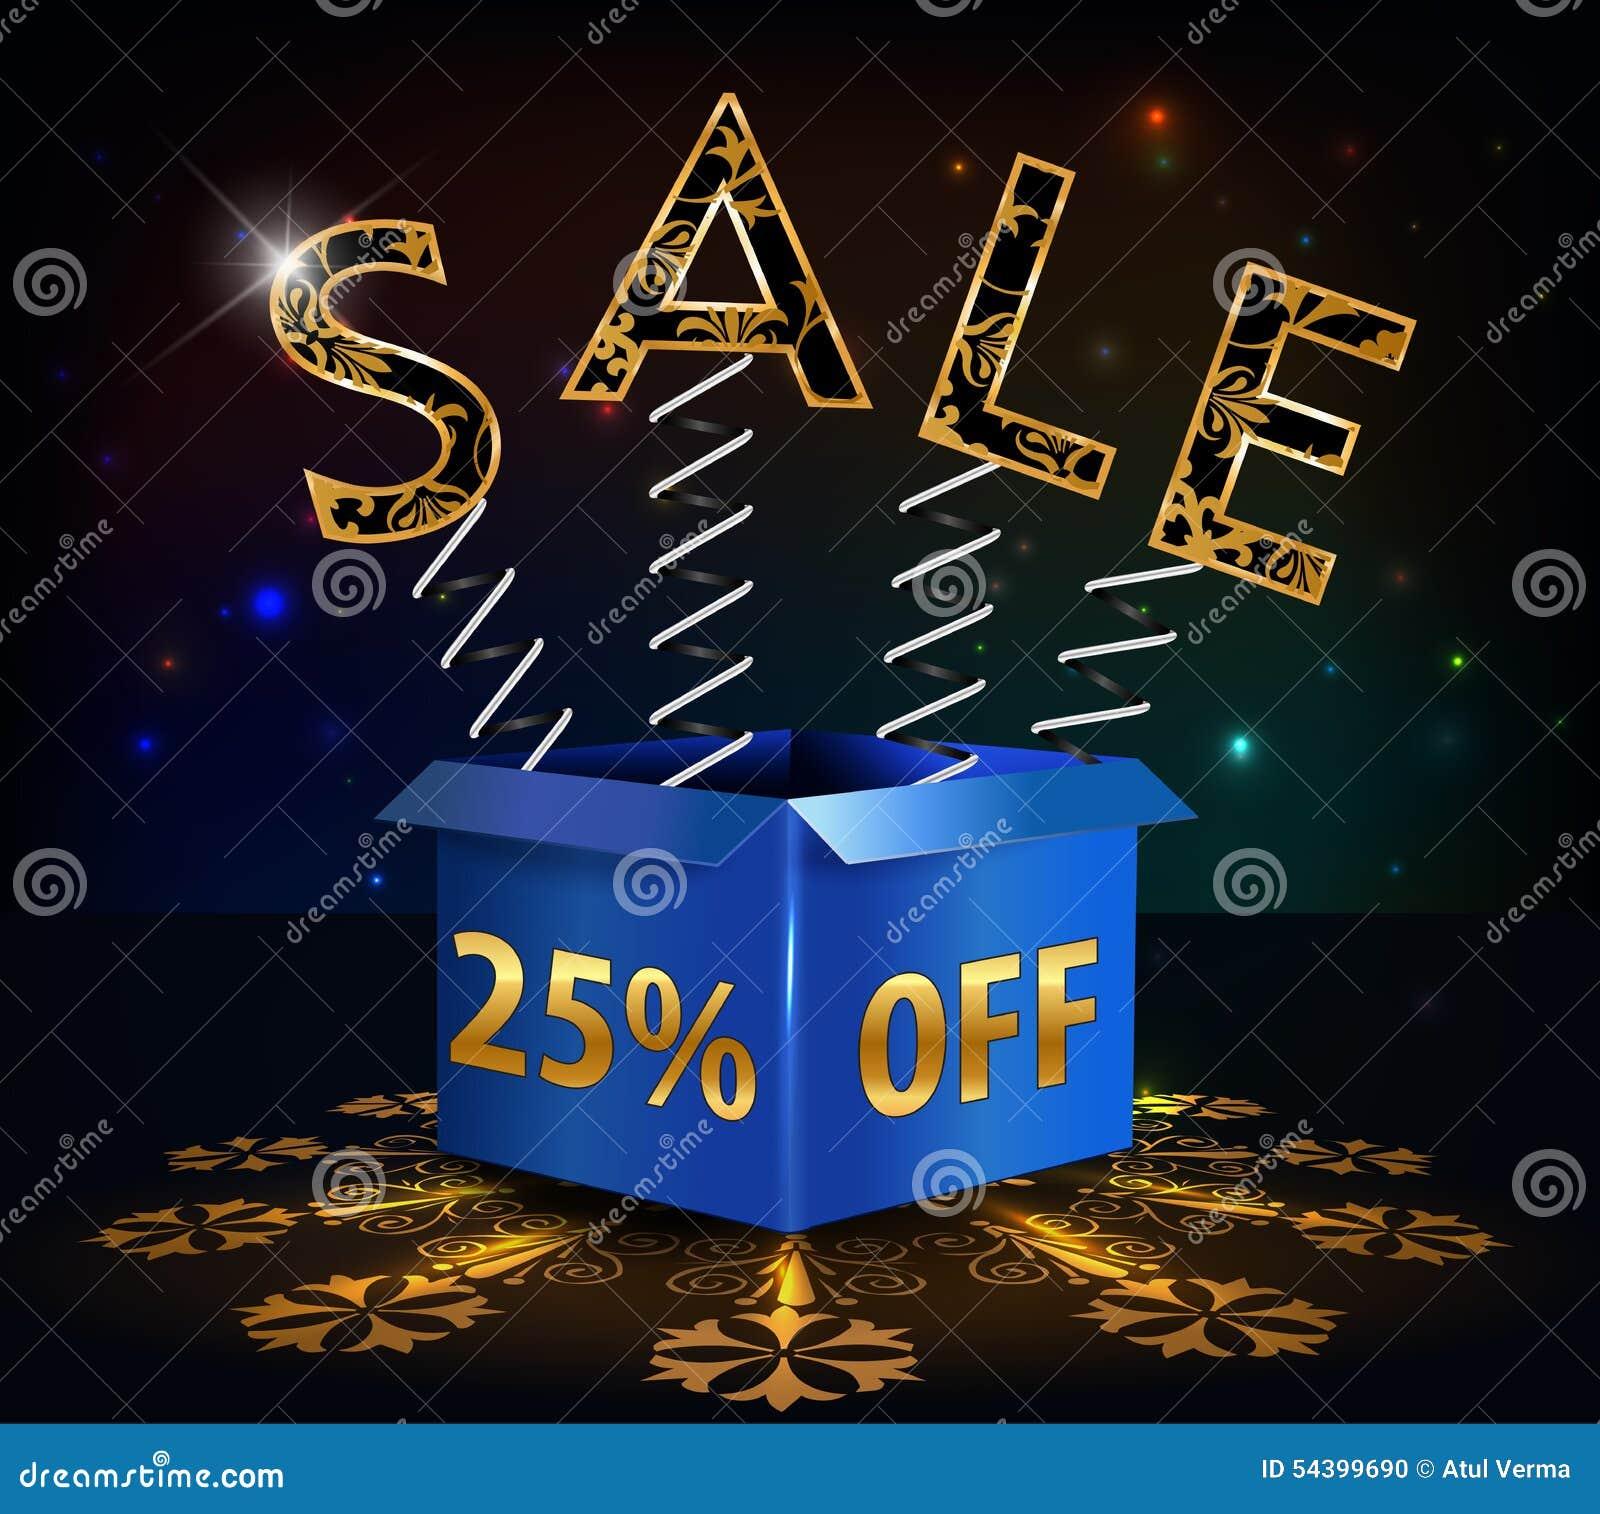 25  fuori, vendita calda di sconto di 25 vendite con la molla di offerta speciale e scatola